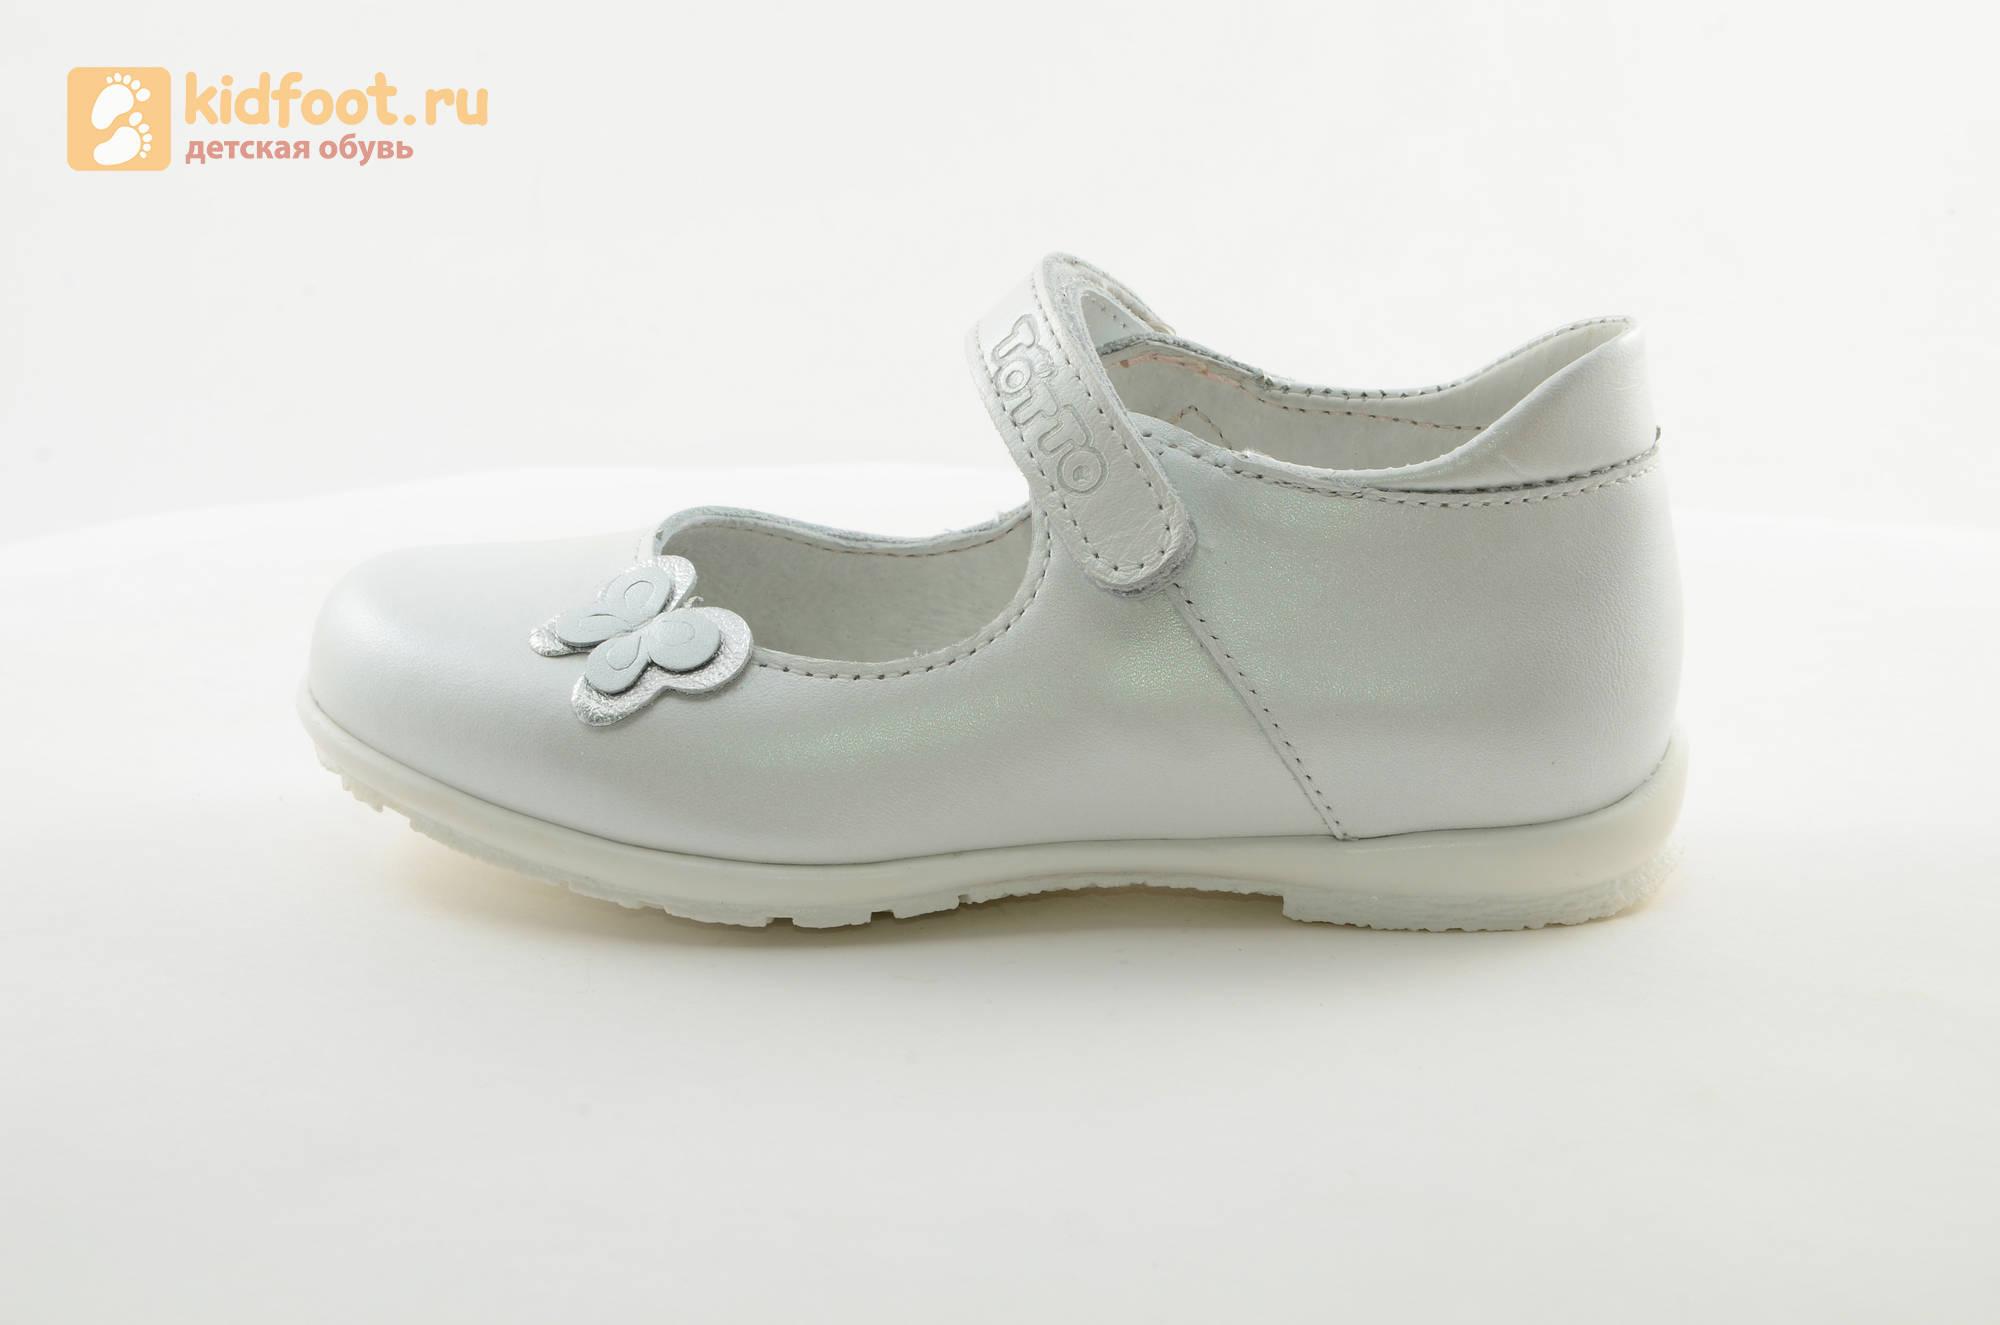 Туфли Тотто из натуральной кожи на липучке для девочек, цвет Белый, 10204A